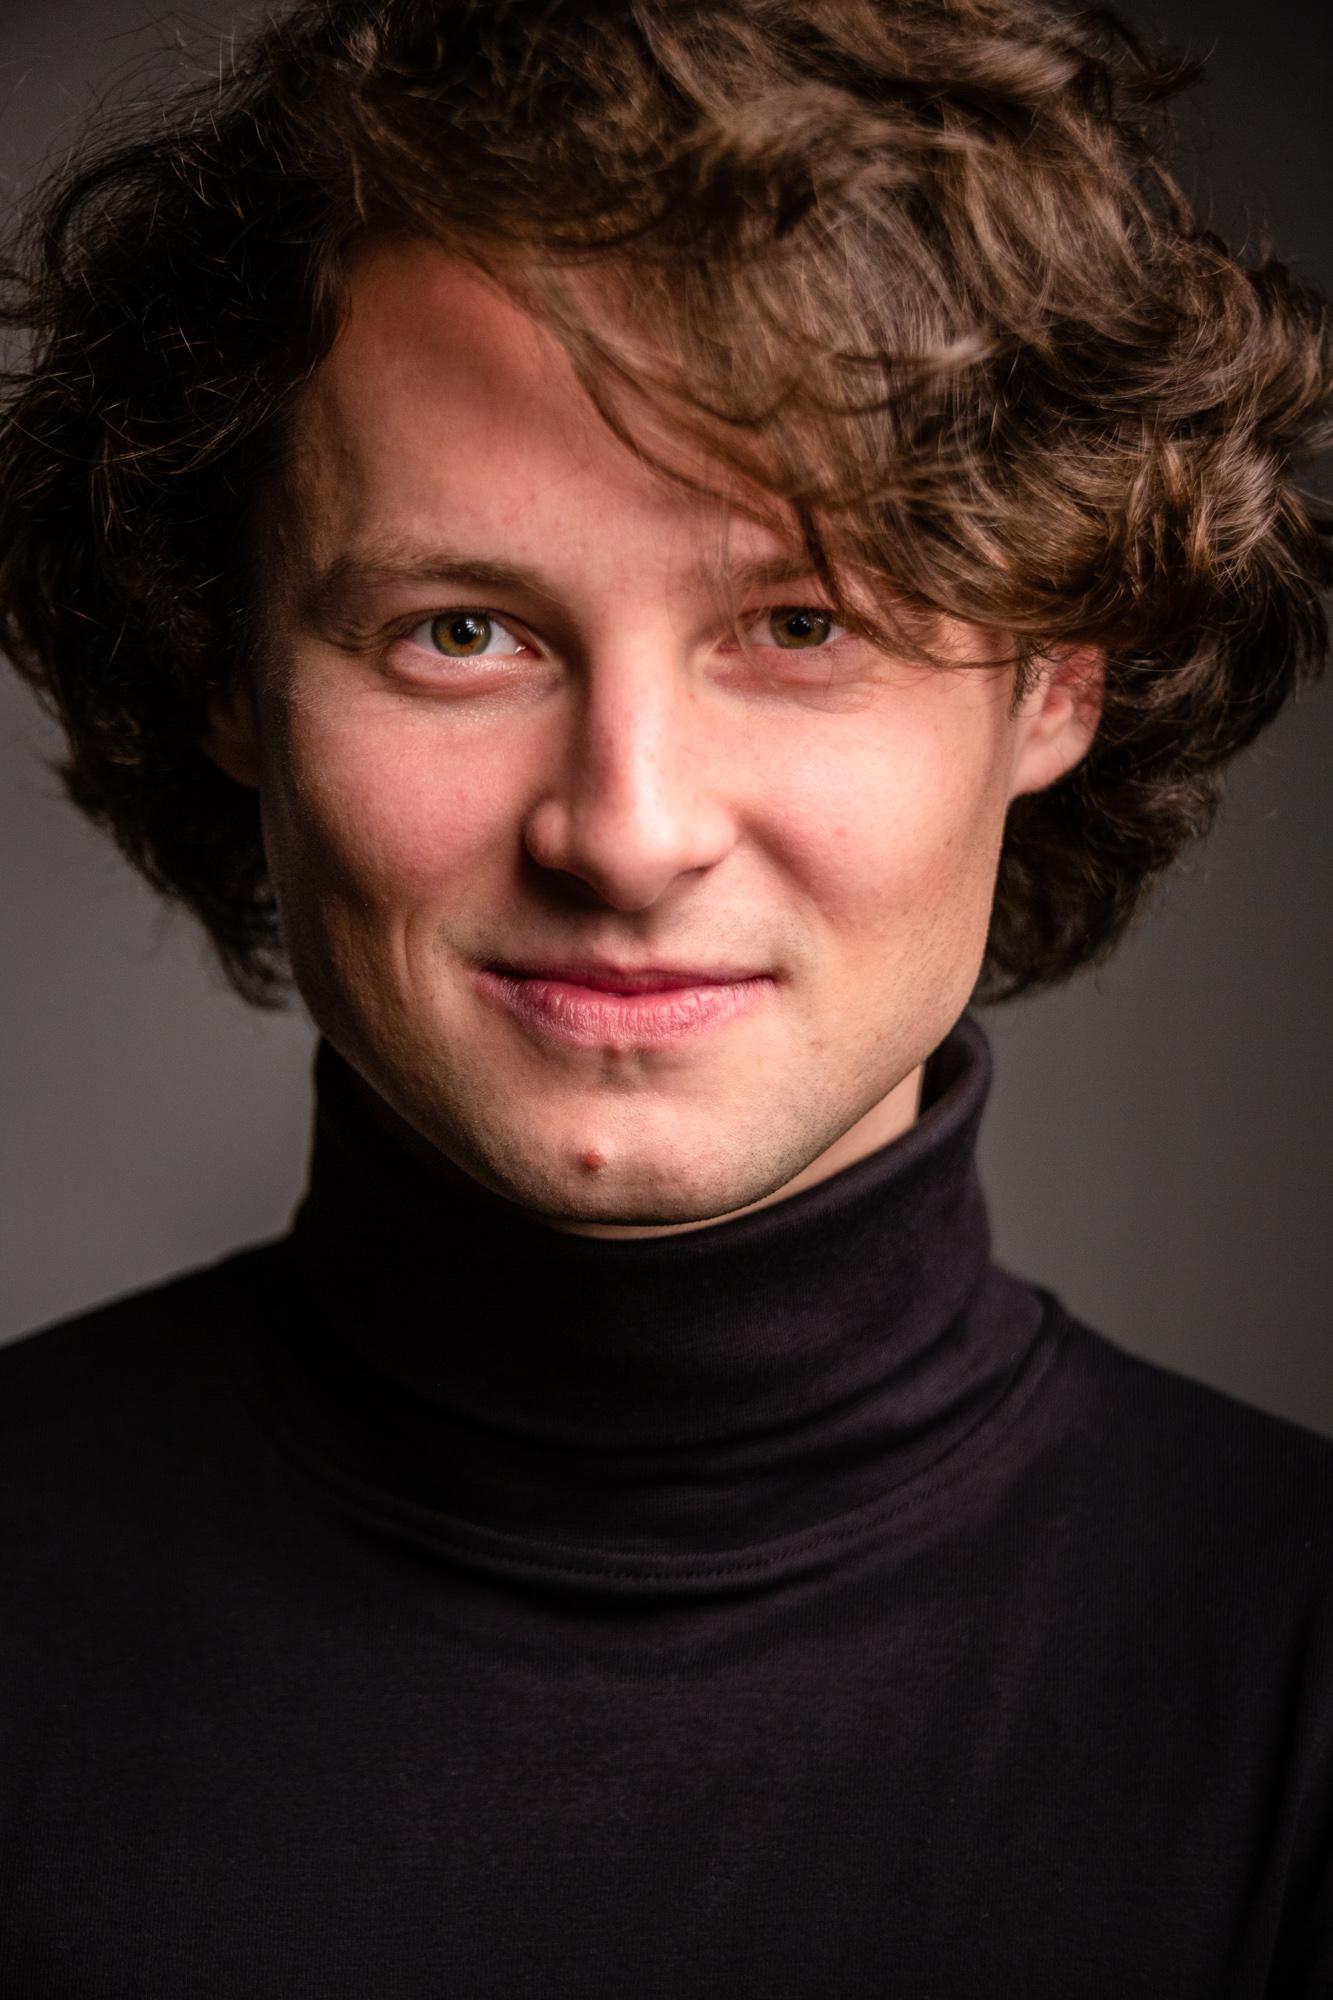 Jakub Łopatka